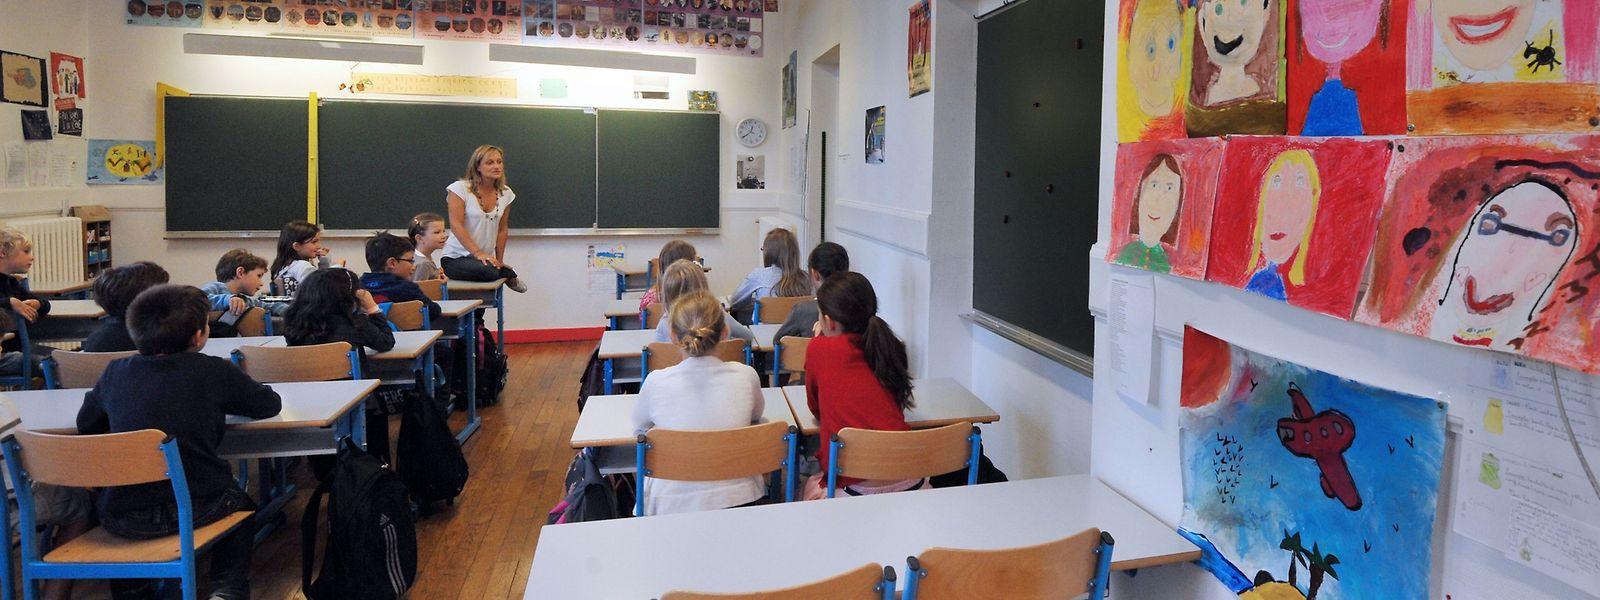 Chaque année, près de 600 nouveaux enseignants intègrent le système scolaire.